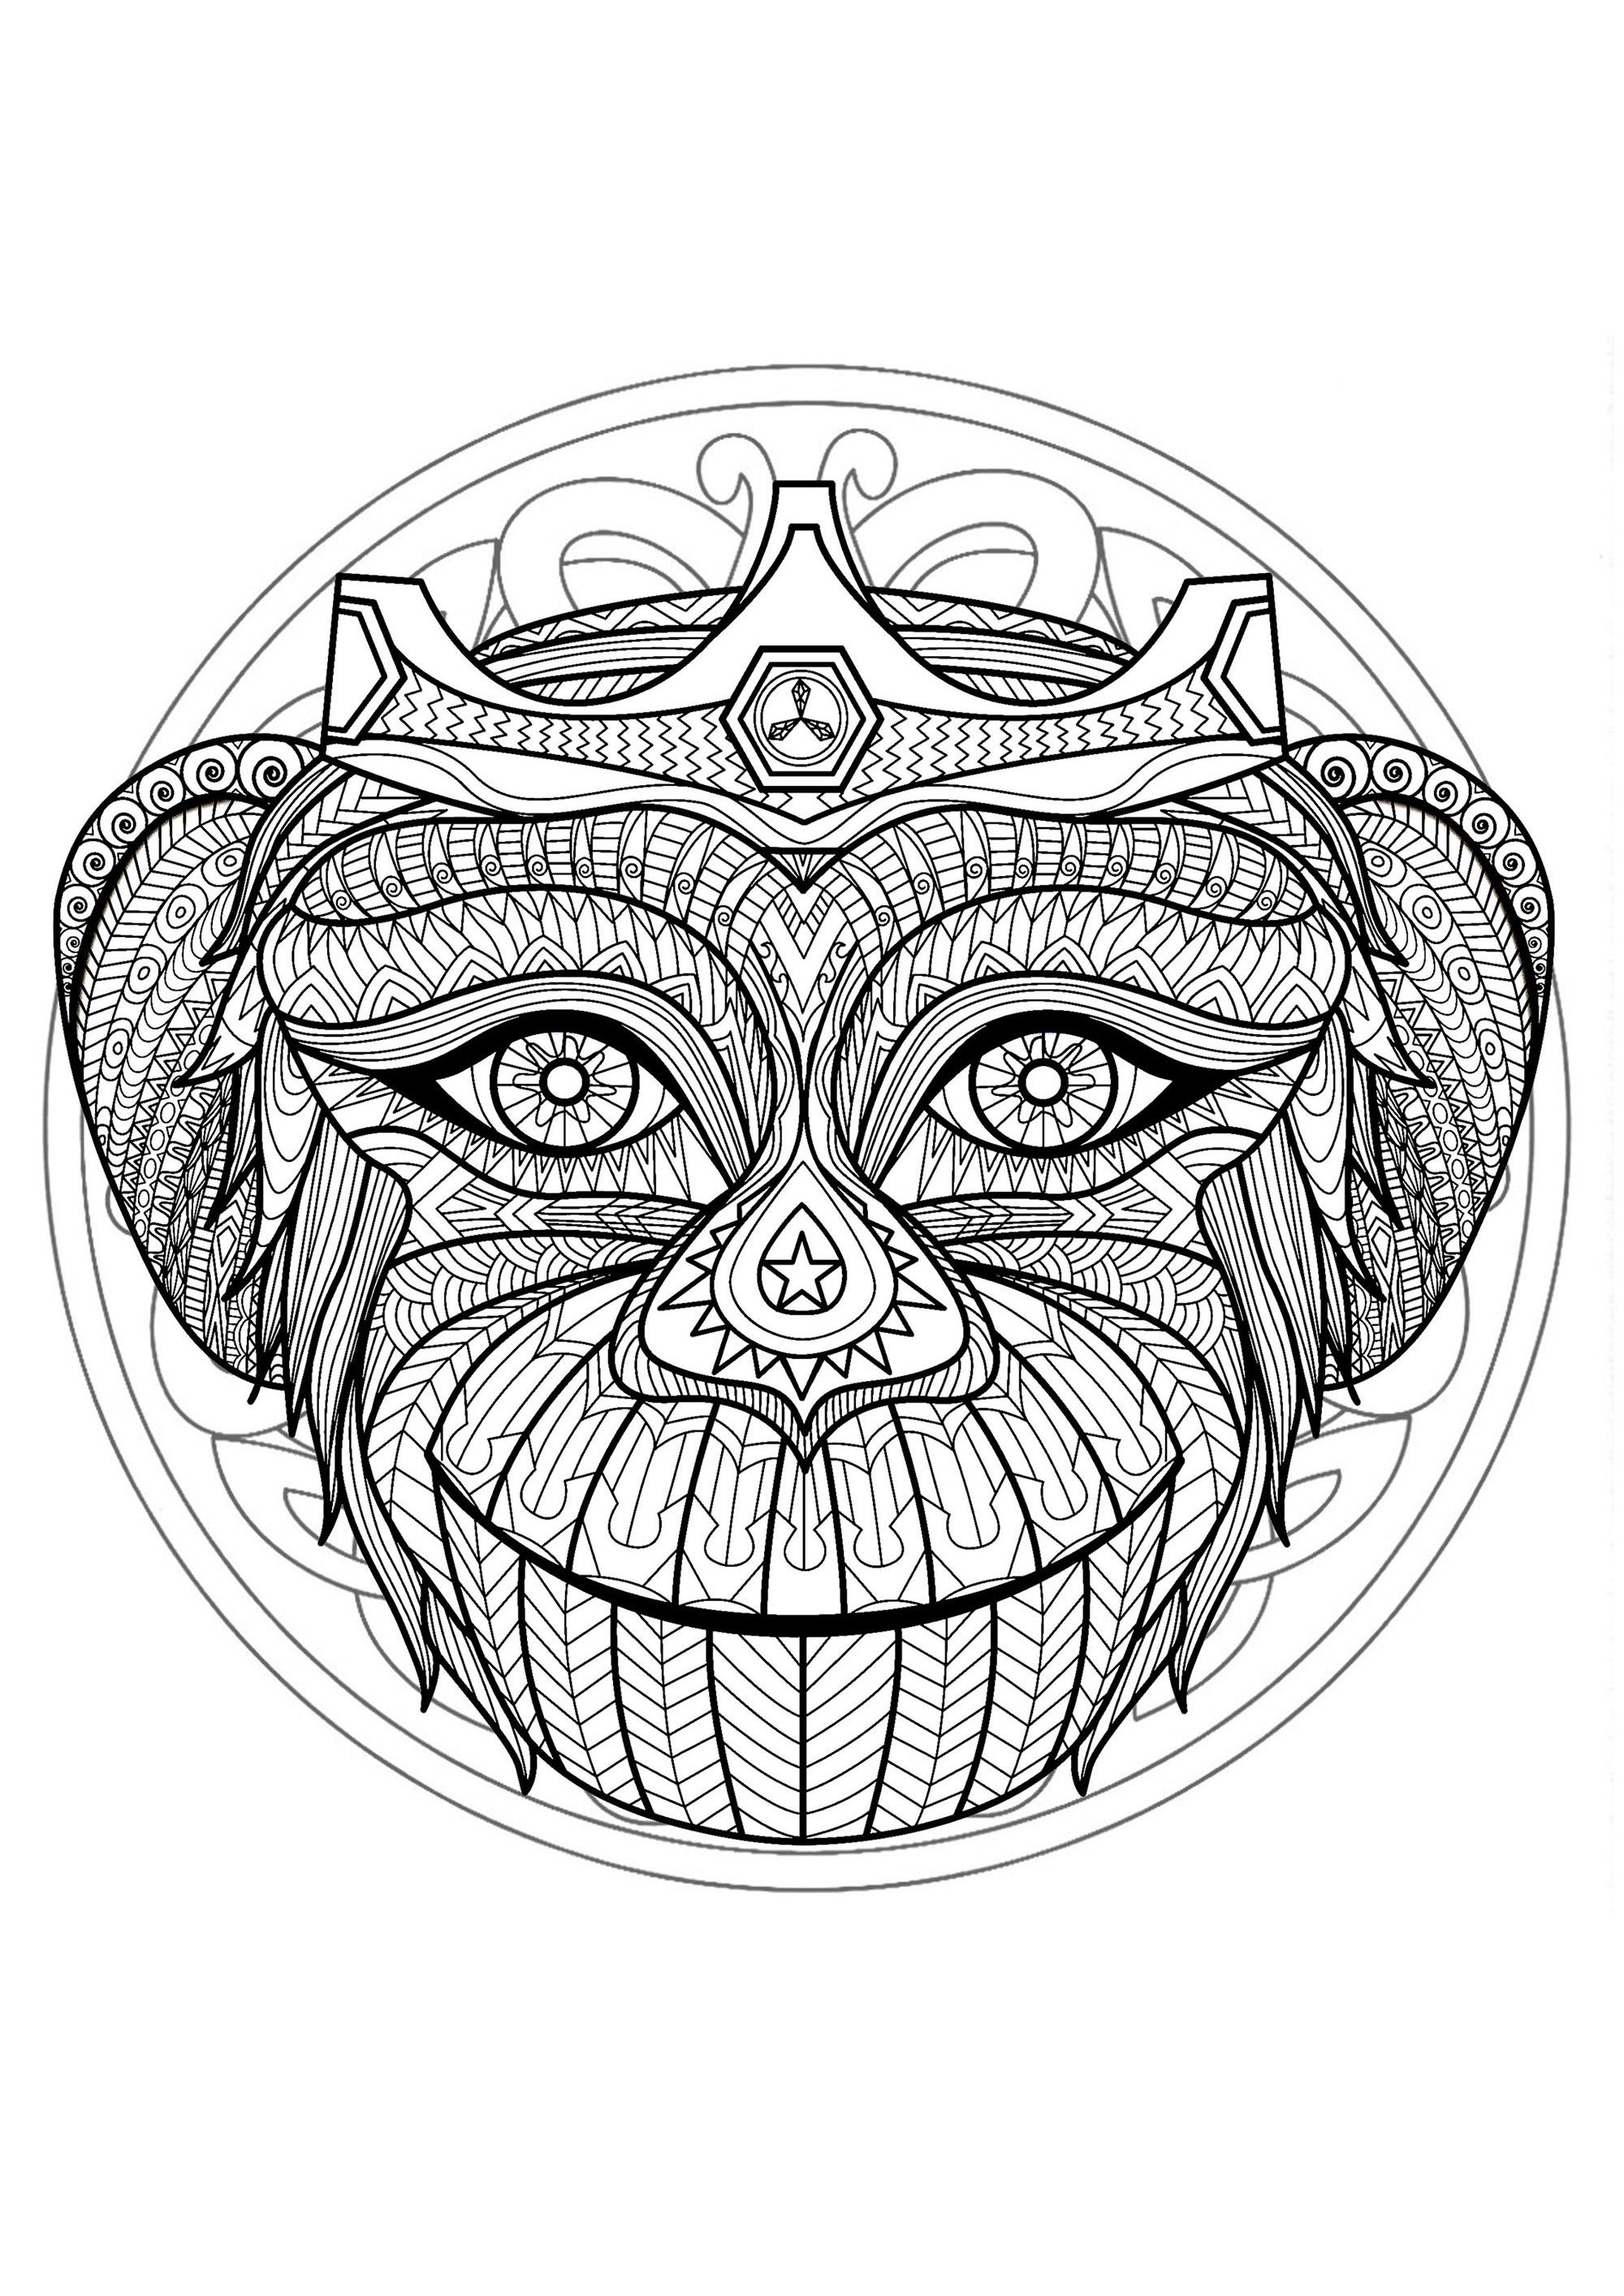 Mandala tete singe 1 mandalas difficiles pour adultes - Mandala difficile a imprimer ...